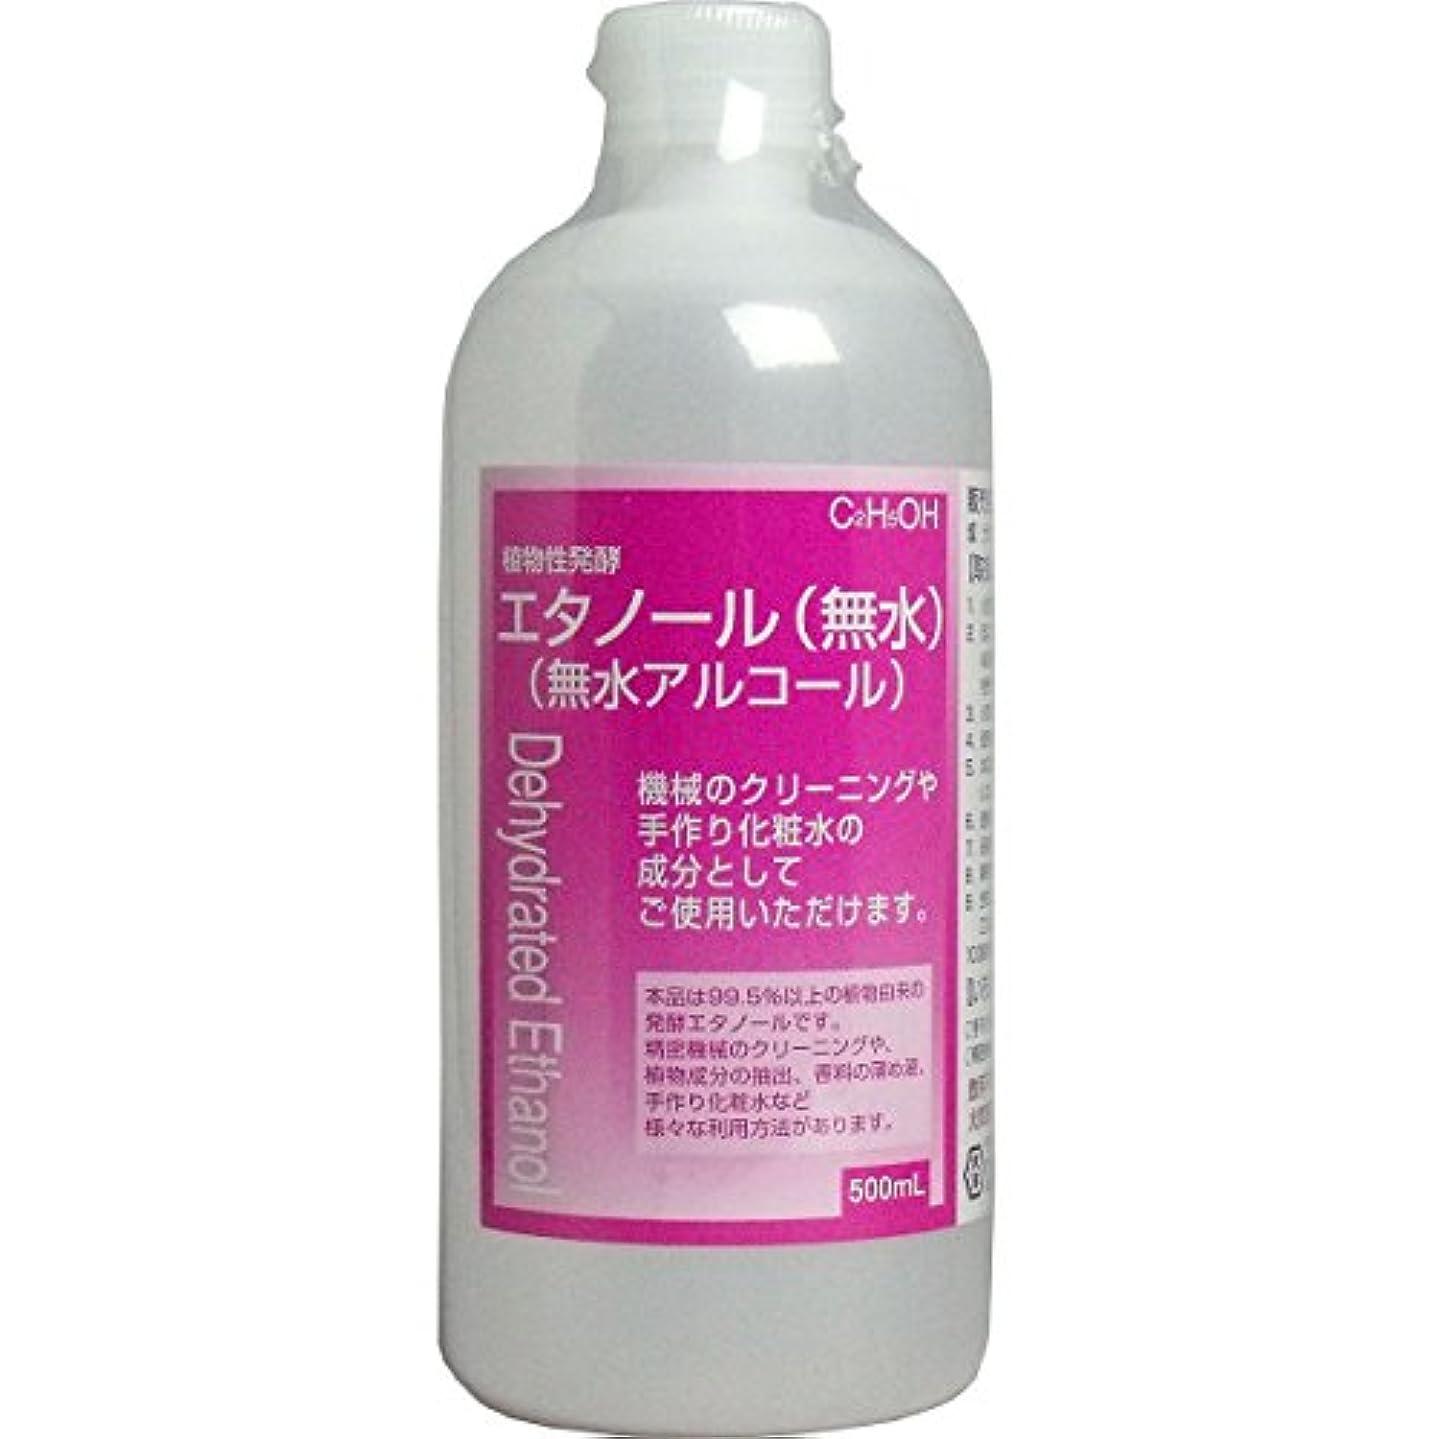 勝つ既に敬意を表する手作り化粧水に 植物性発酵エタノール(無水エタノール) 500mL